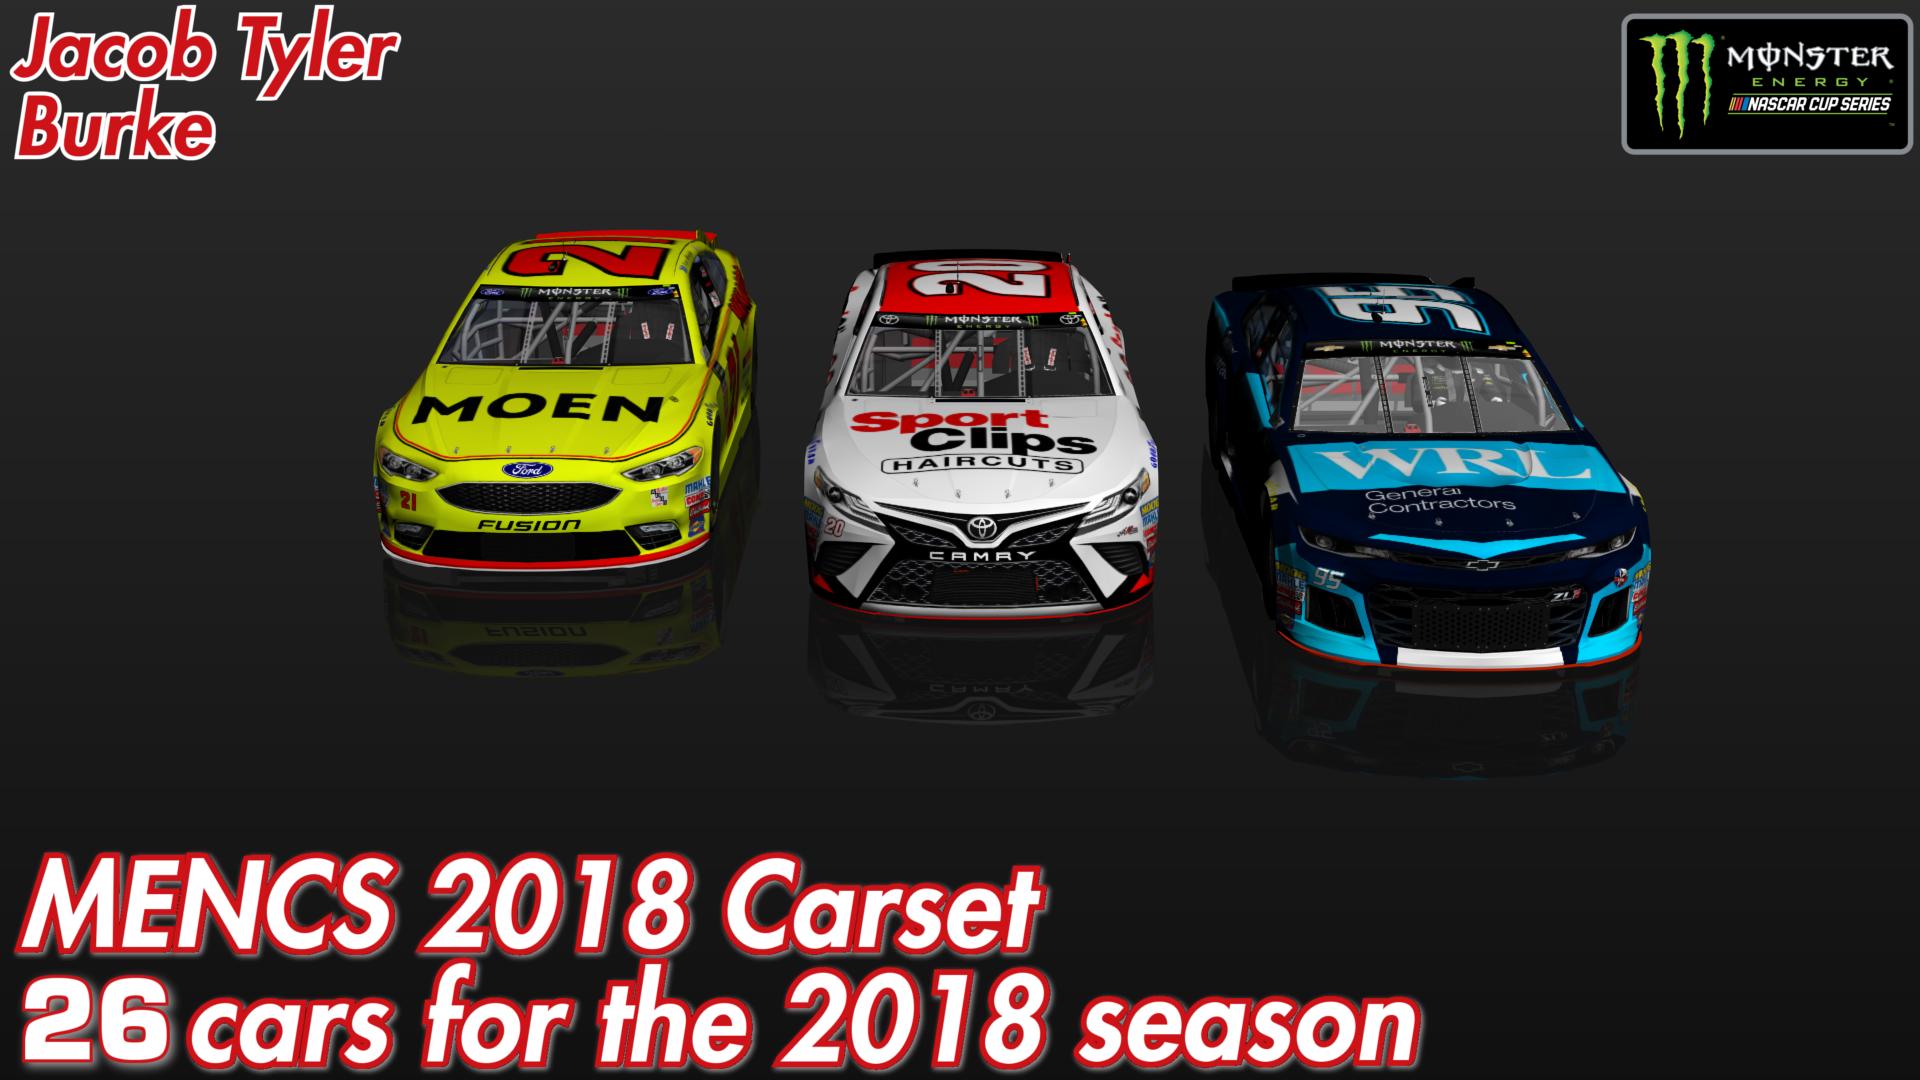 2018 Carset v2.png